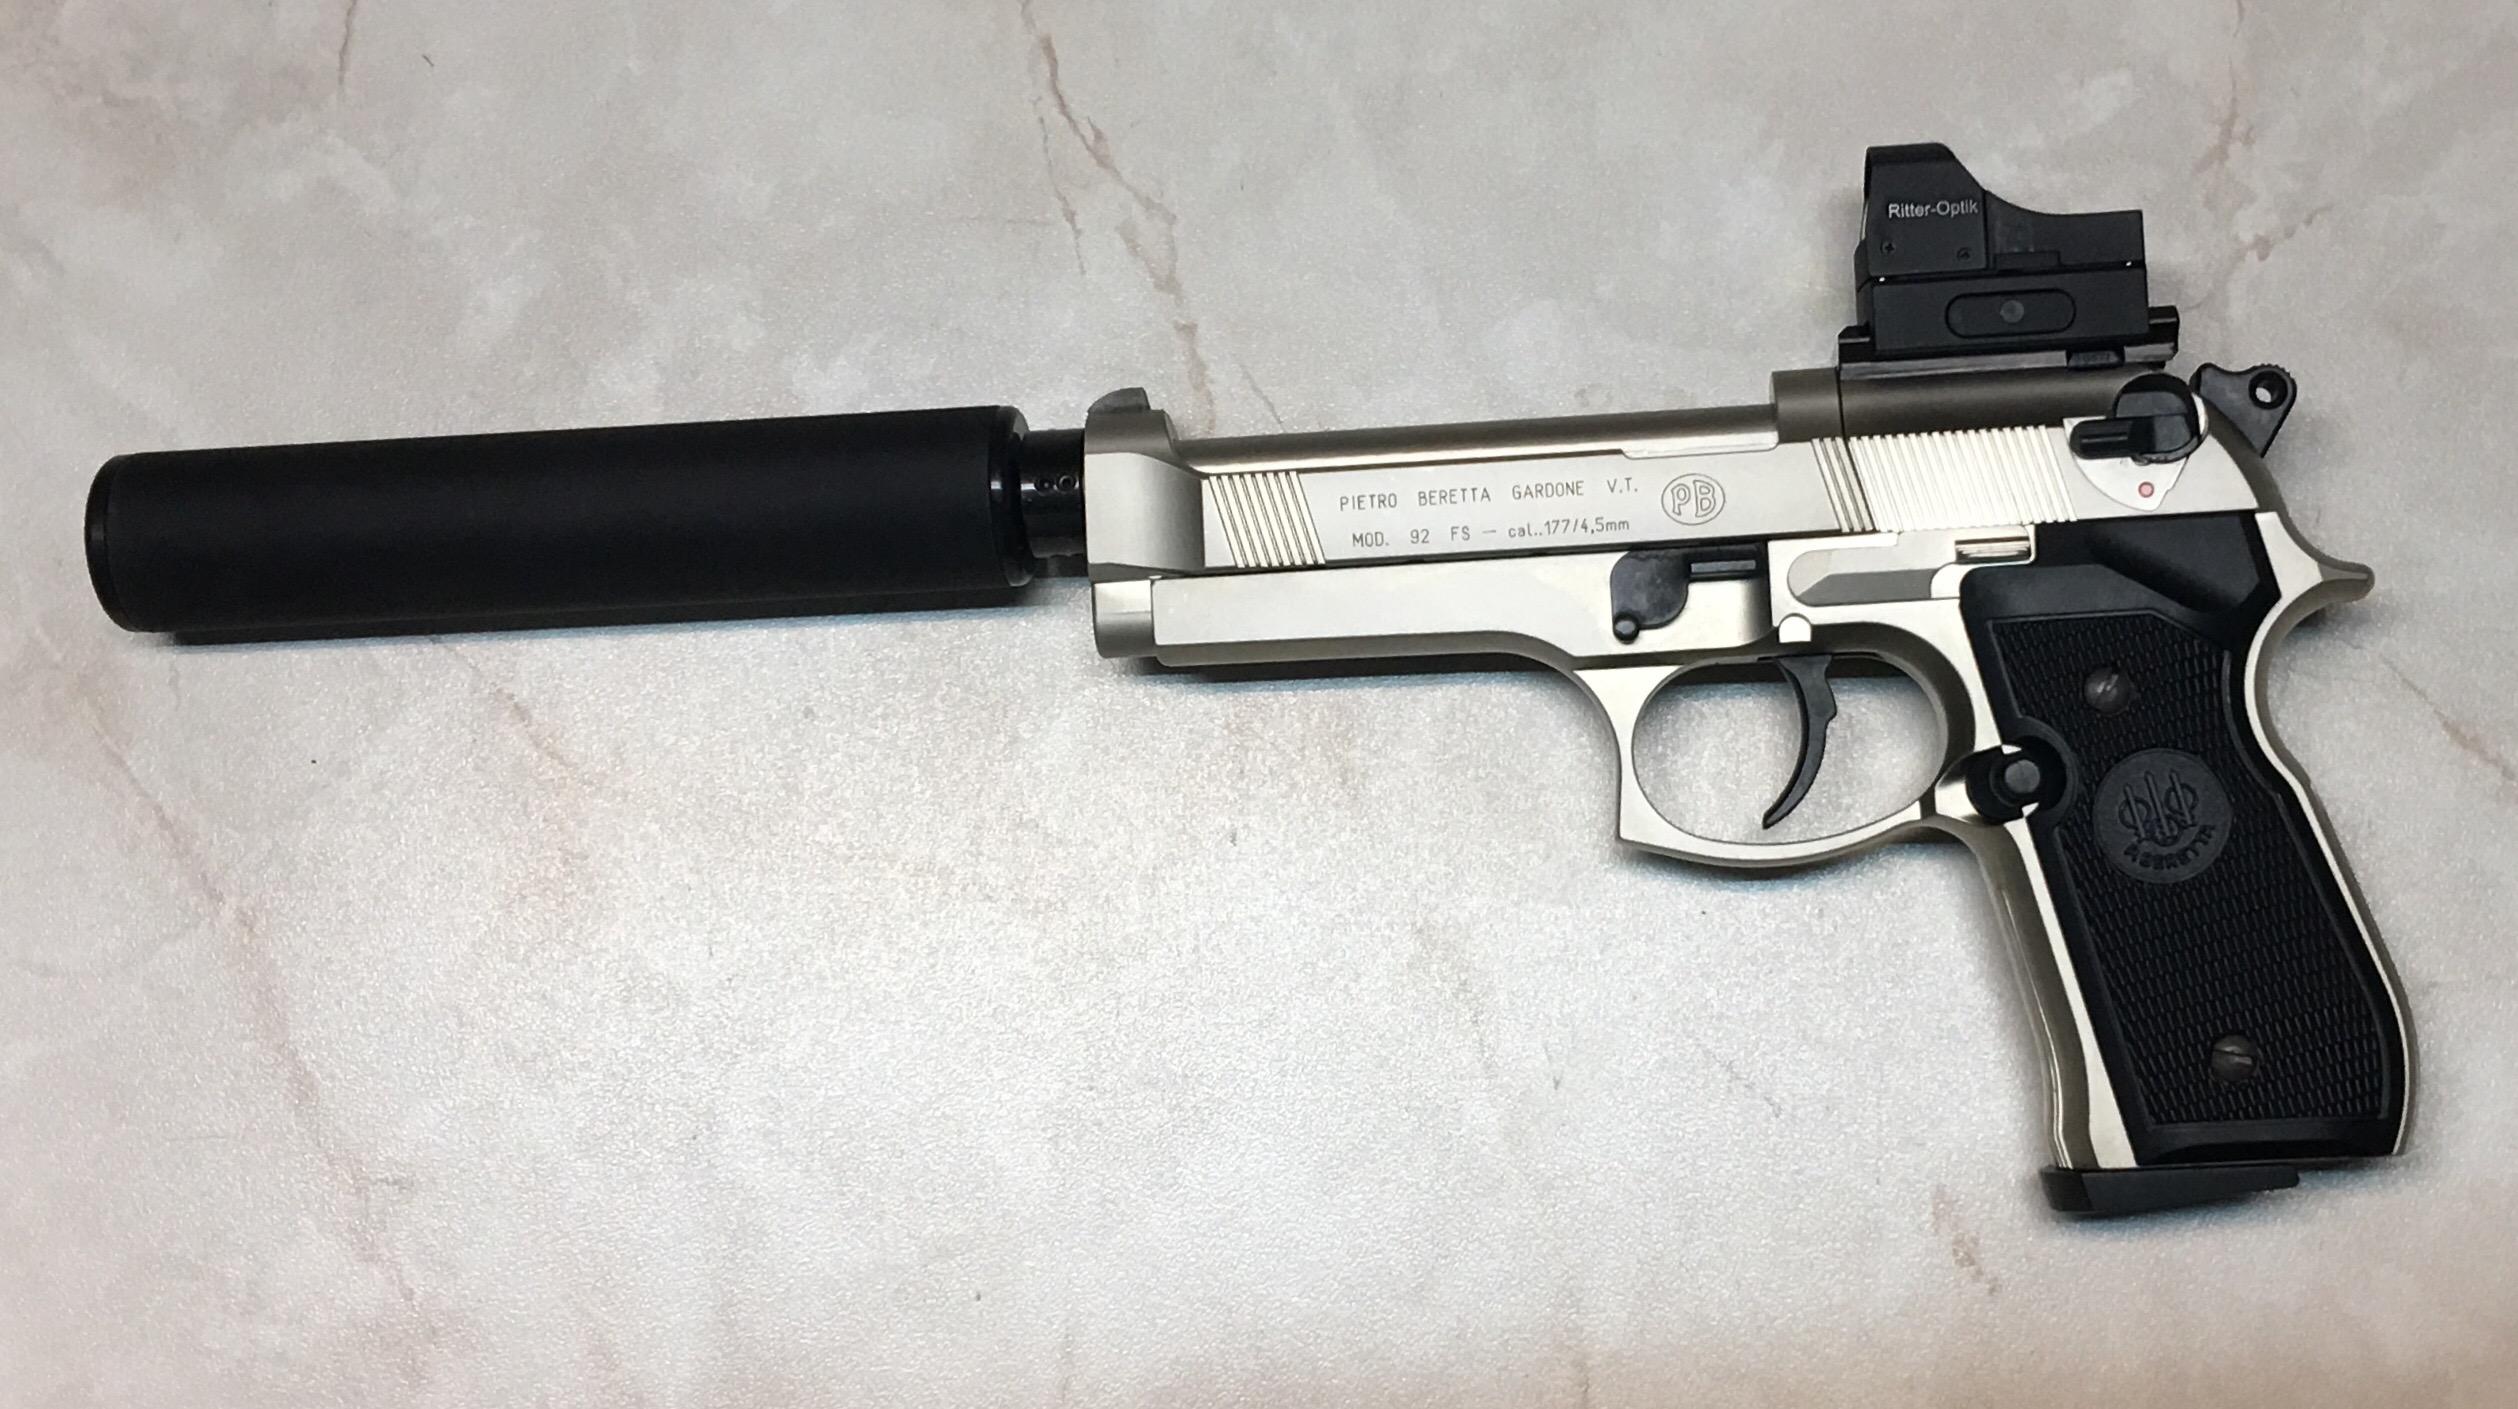 CO2 Pistole Beretta 92FS RTU mit kürzerem Schalldämpfer von B&Tund Reflexvisier von Ritter (Alternative gegen Aufpreis)